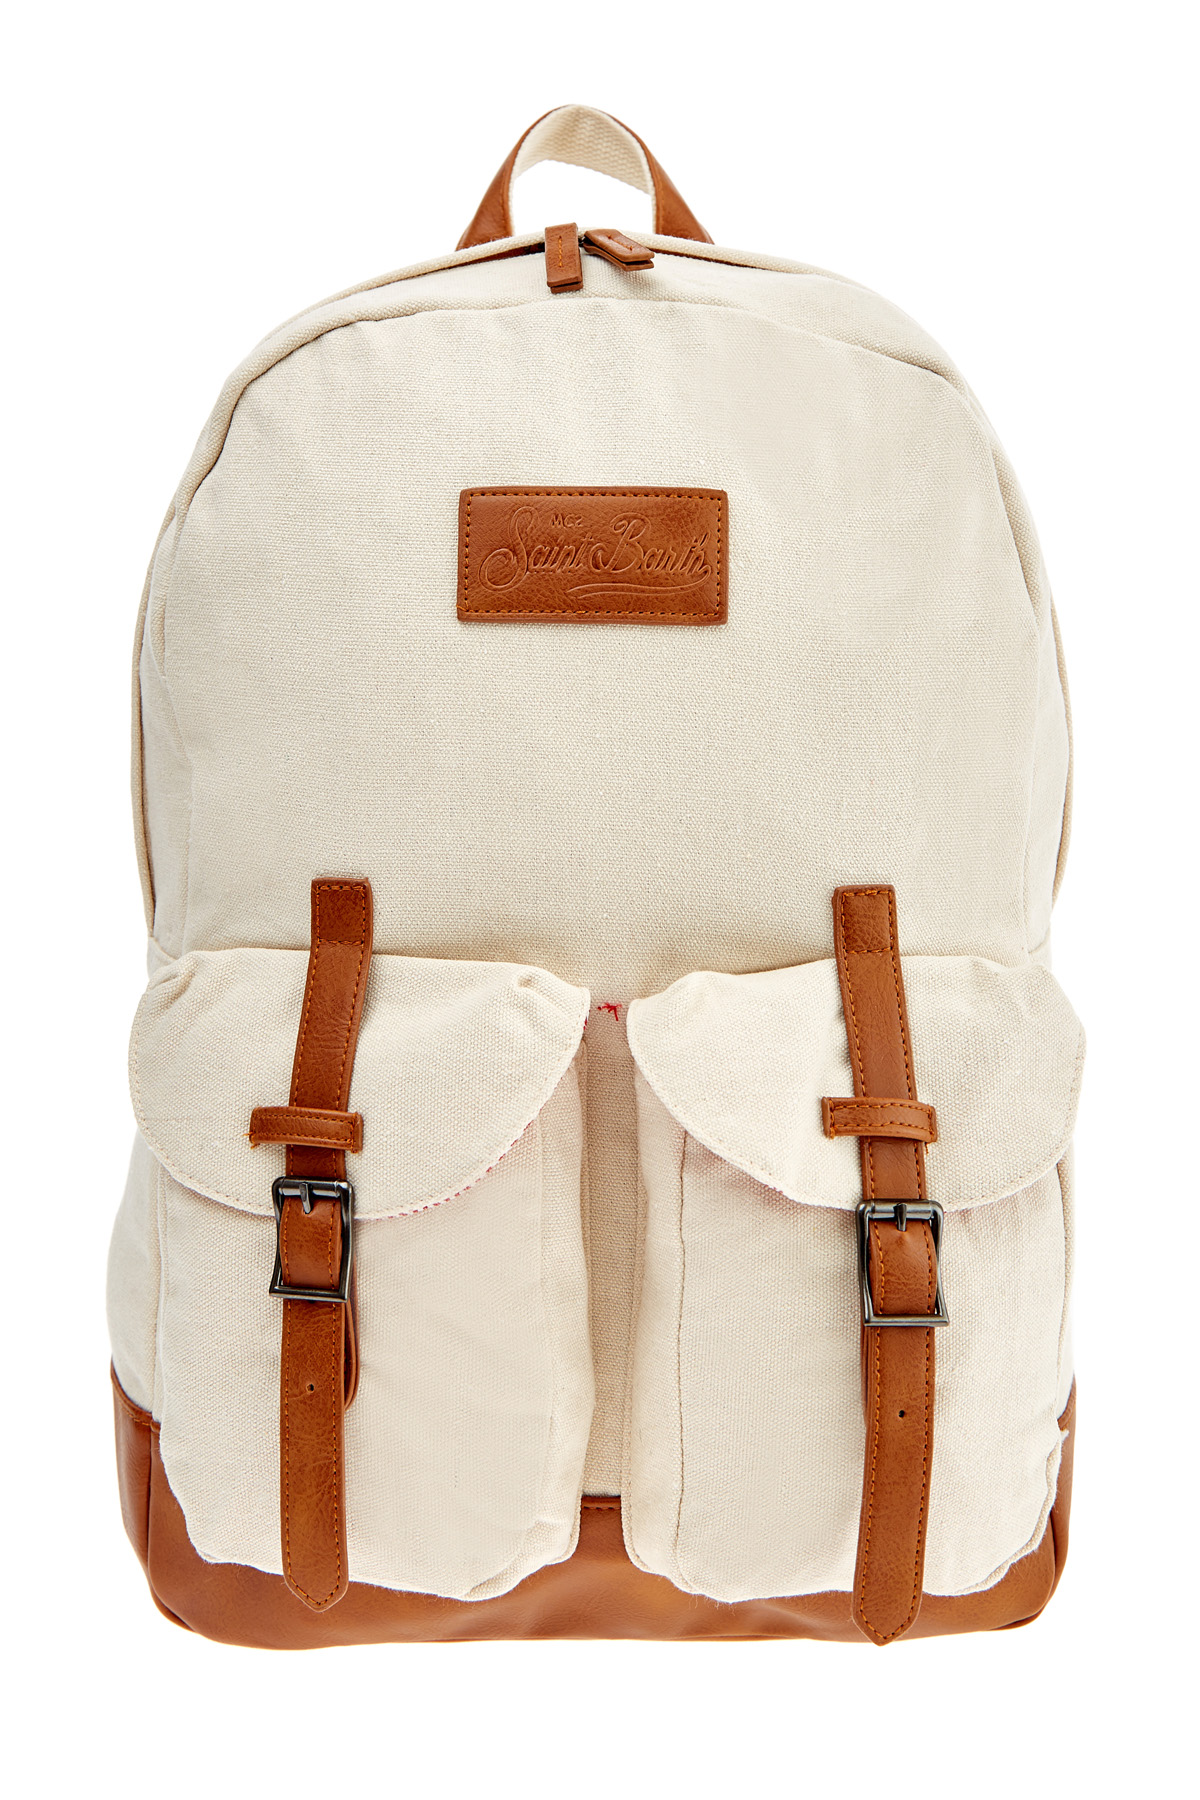 Купить со скидкой Вместительный рюкзак из парусиновой ткани с кожаной отделкой